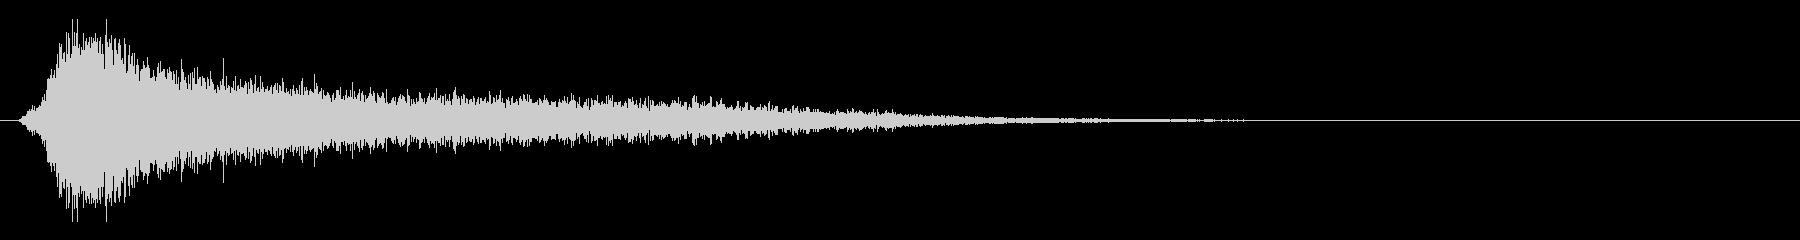 サスペンスピアノ音_3-3の未再生の波形